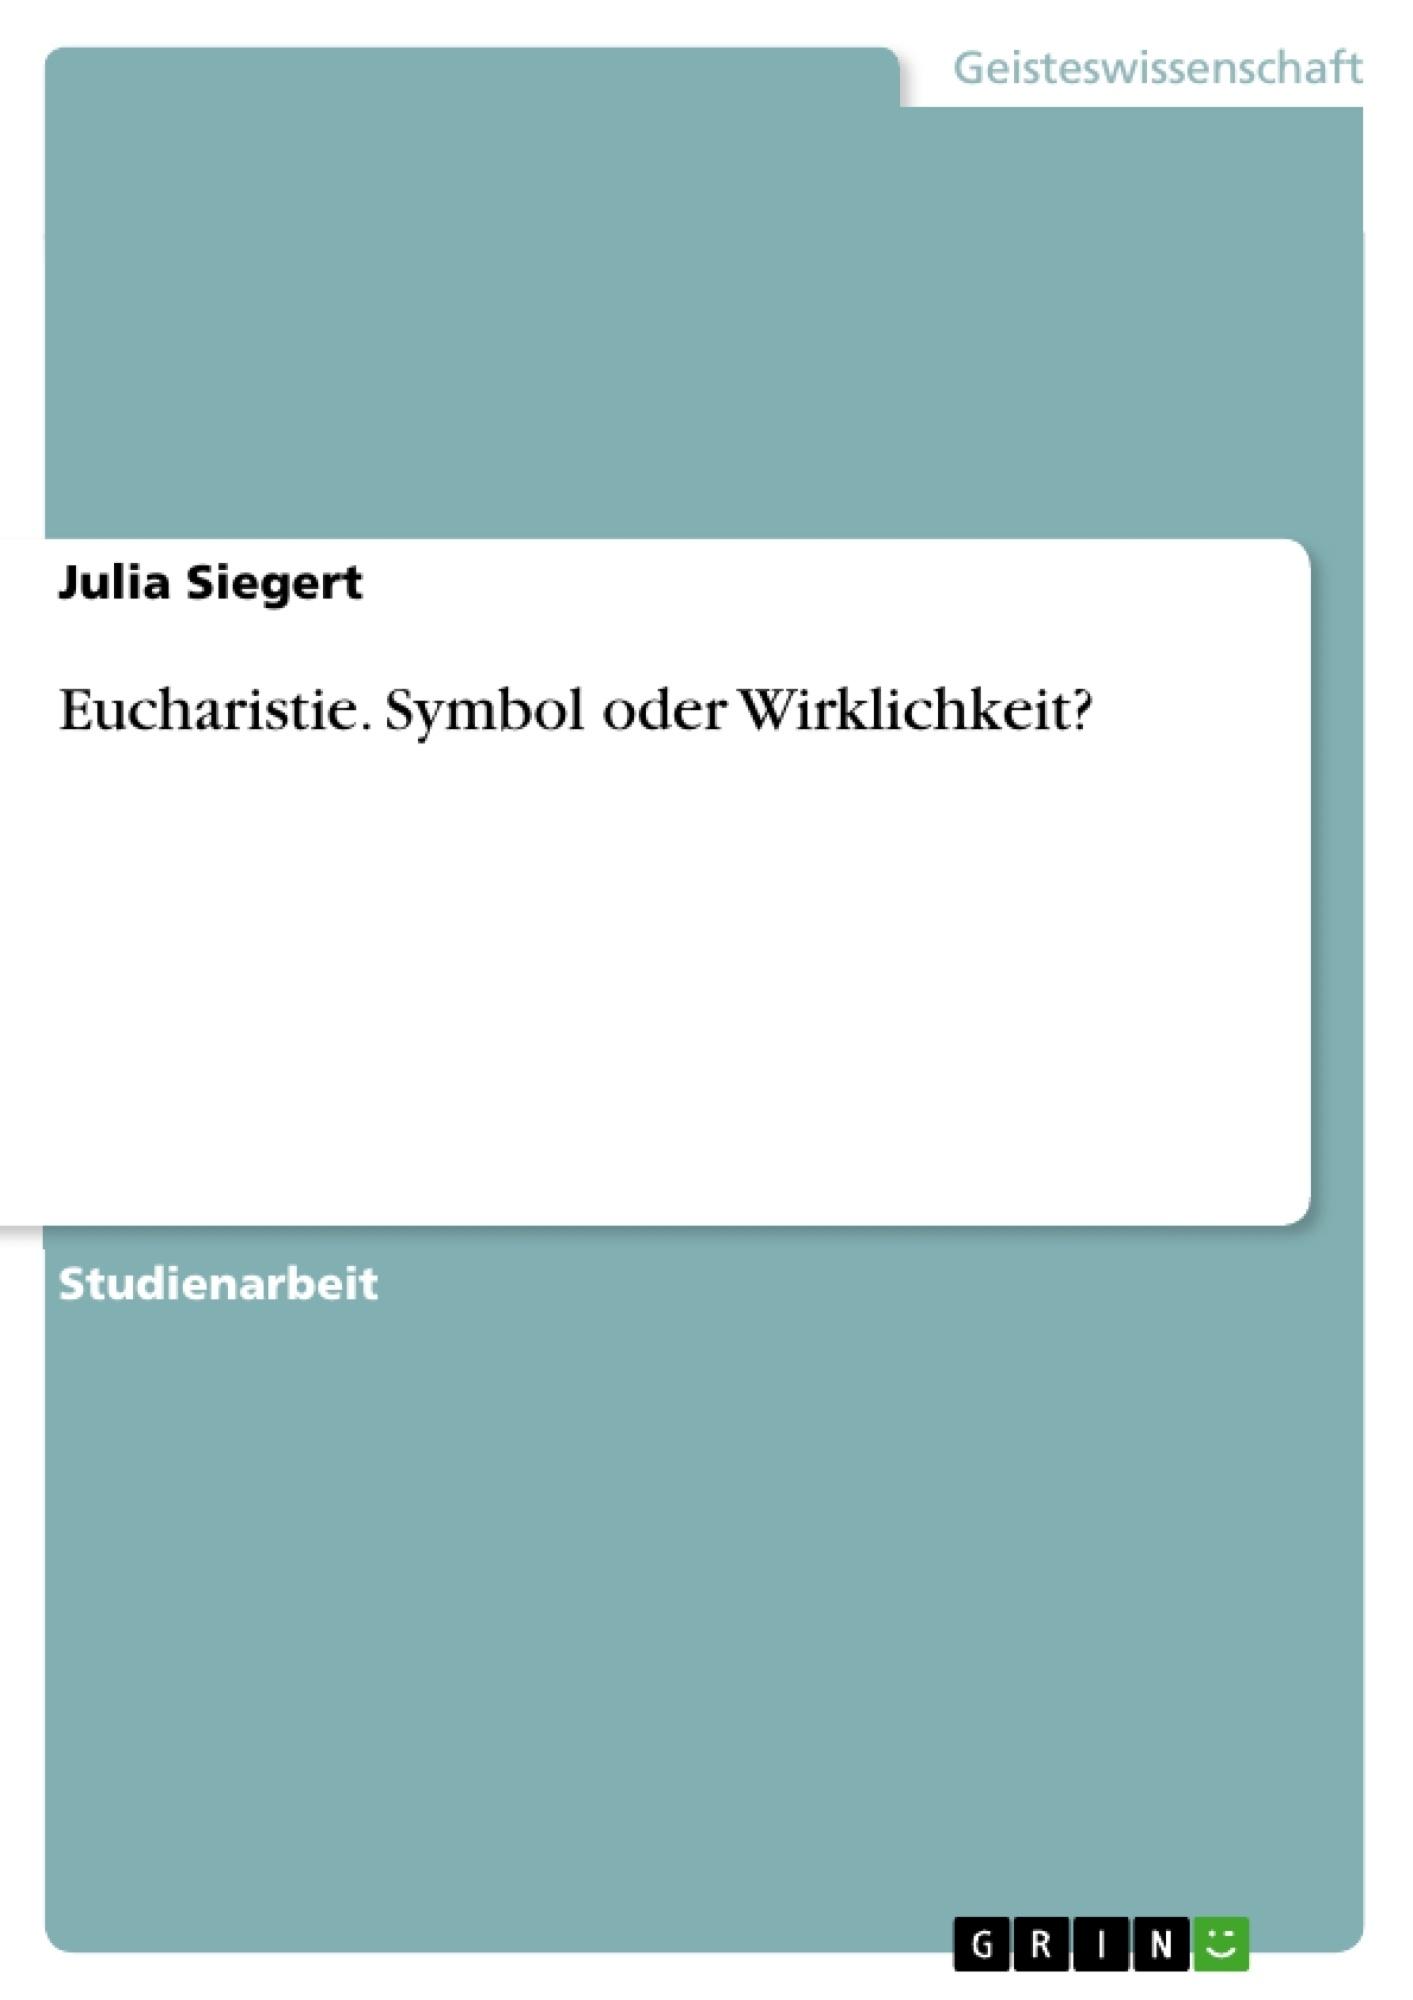 Titel: Eucharistie. Symbol oder Wirklichkeit?